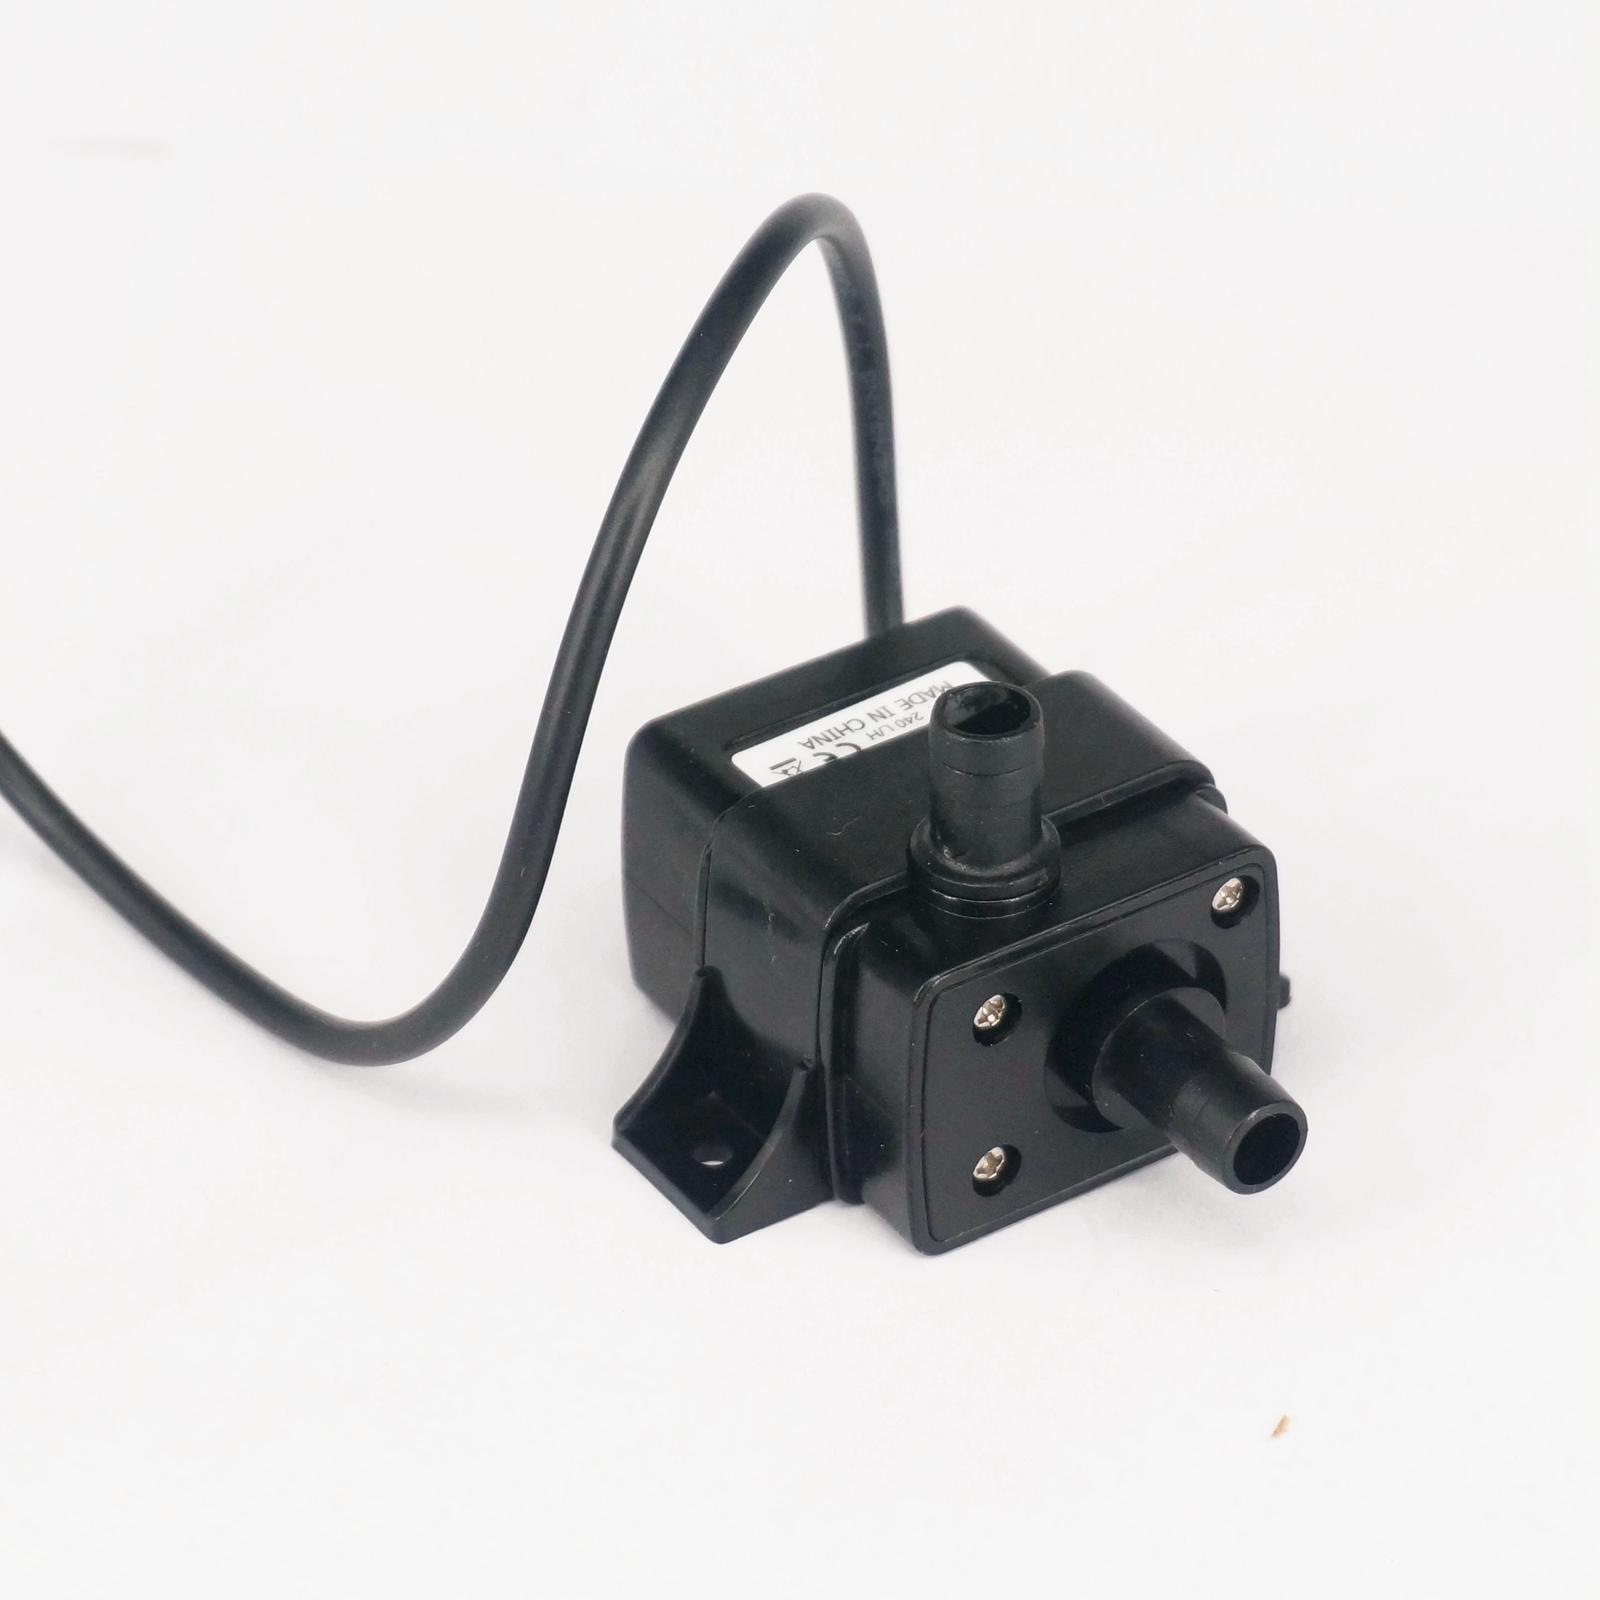 12 В DC Электрический мини водяной циркуляционный насос бесщеточный мотор погружной насос для гидропоники медицинский 4,8 Вт 0-60 градусов Цель...